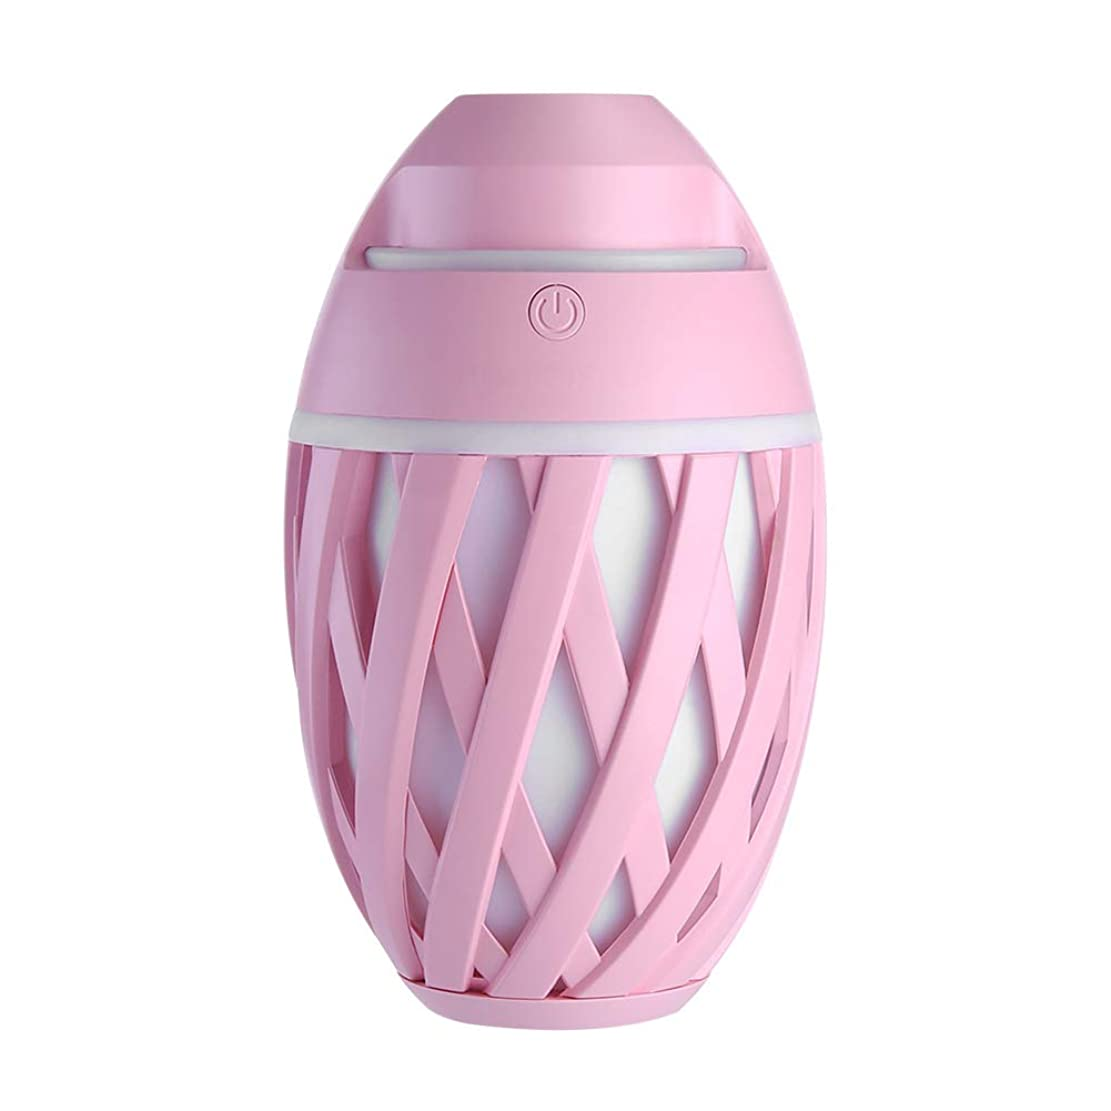 件名動機達成する加湿器ミニUsbホーム静かなエアコンルームオフィス妊娠中の女性の赤ちゃん空気保湿清浄器,Pink